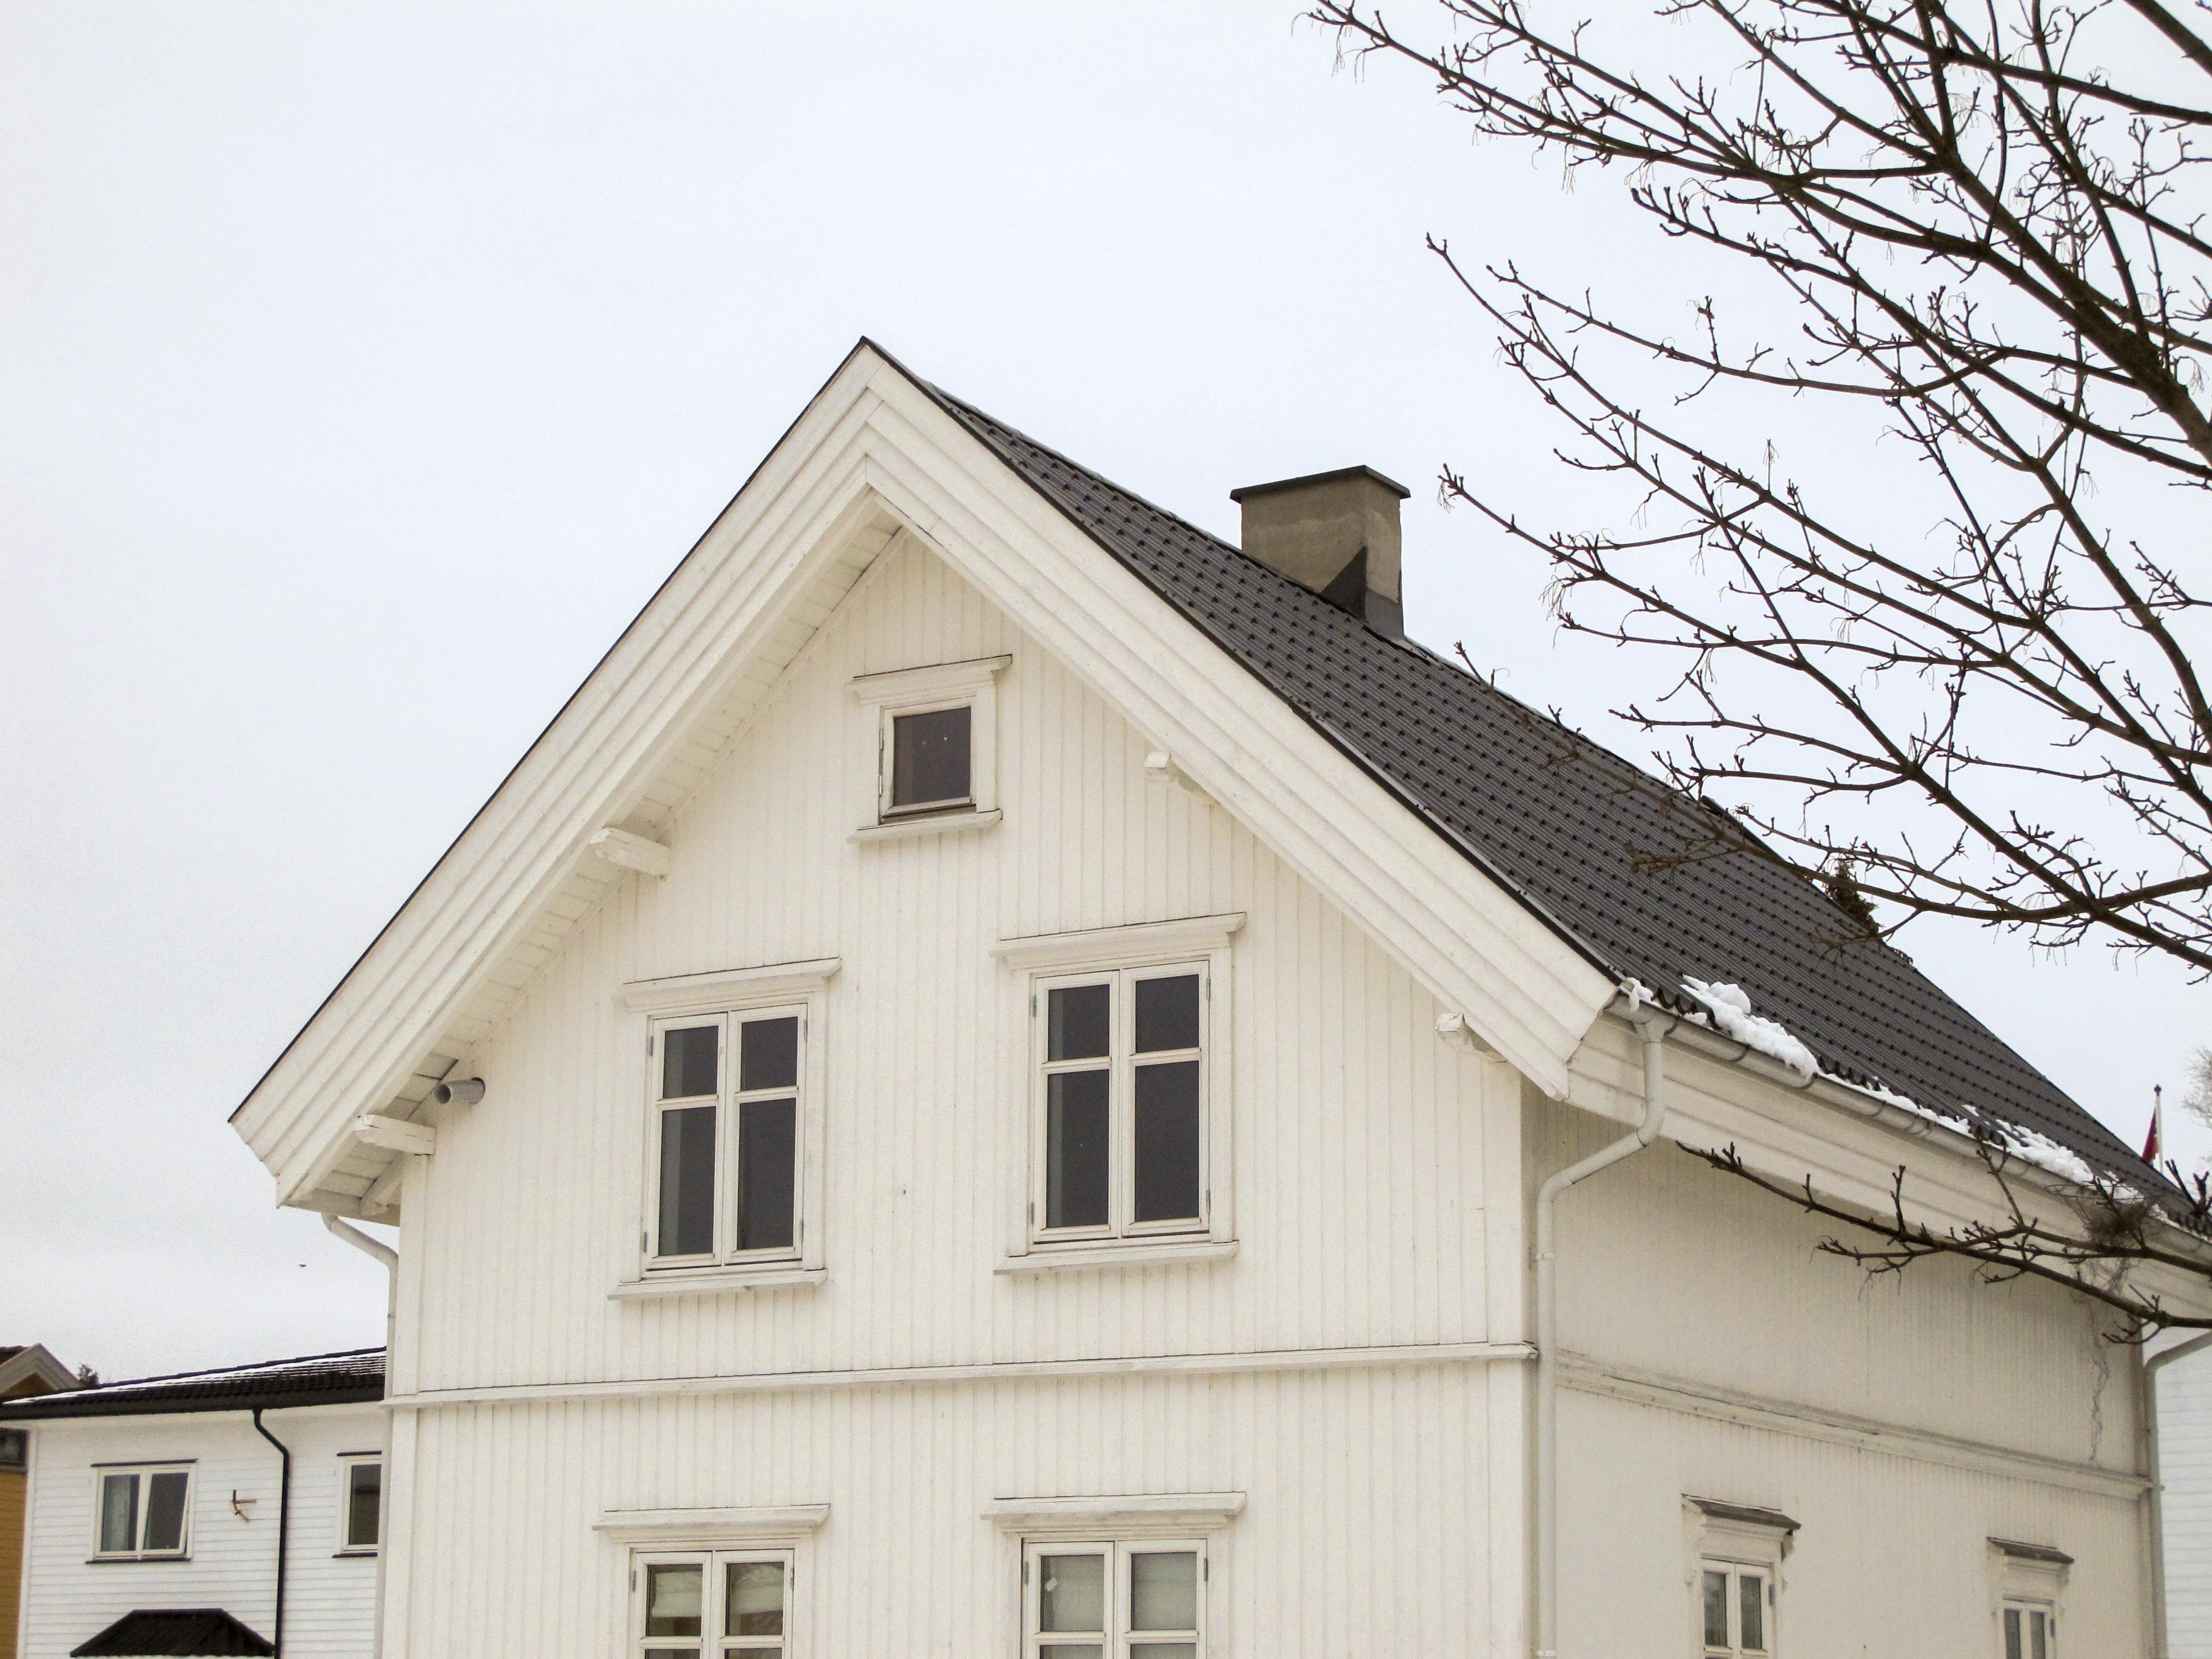 Ofte etterisoleres gamle hus utvendig - noe som fører til uheldige endringer i detaljering og proporsjoner. Her ser vi at taket har blitt etterisolert og vindskiene har blitt betydelig bredere, noe som gir huset et noe merkelig uttrykk, som om det har fått en ekstra tykk hatt tredd ned over bygningen. Foto: KM Frøyset